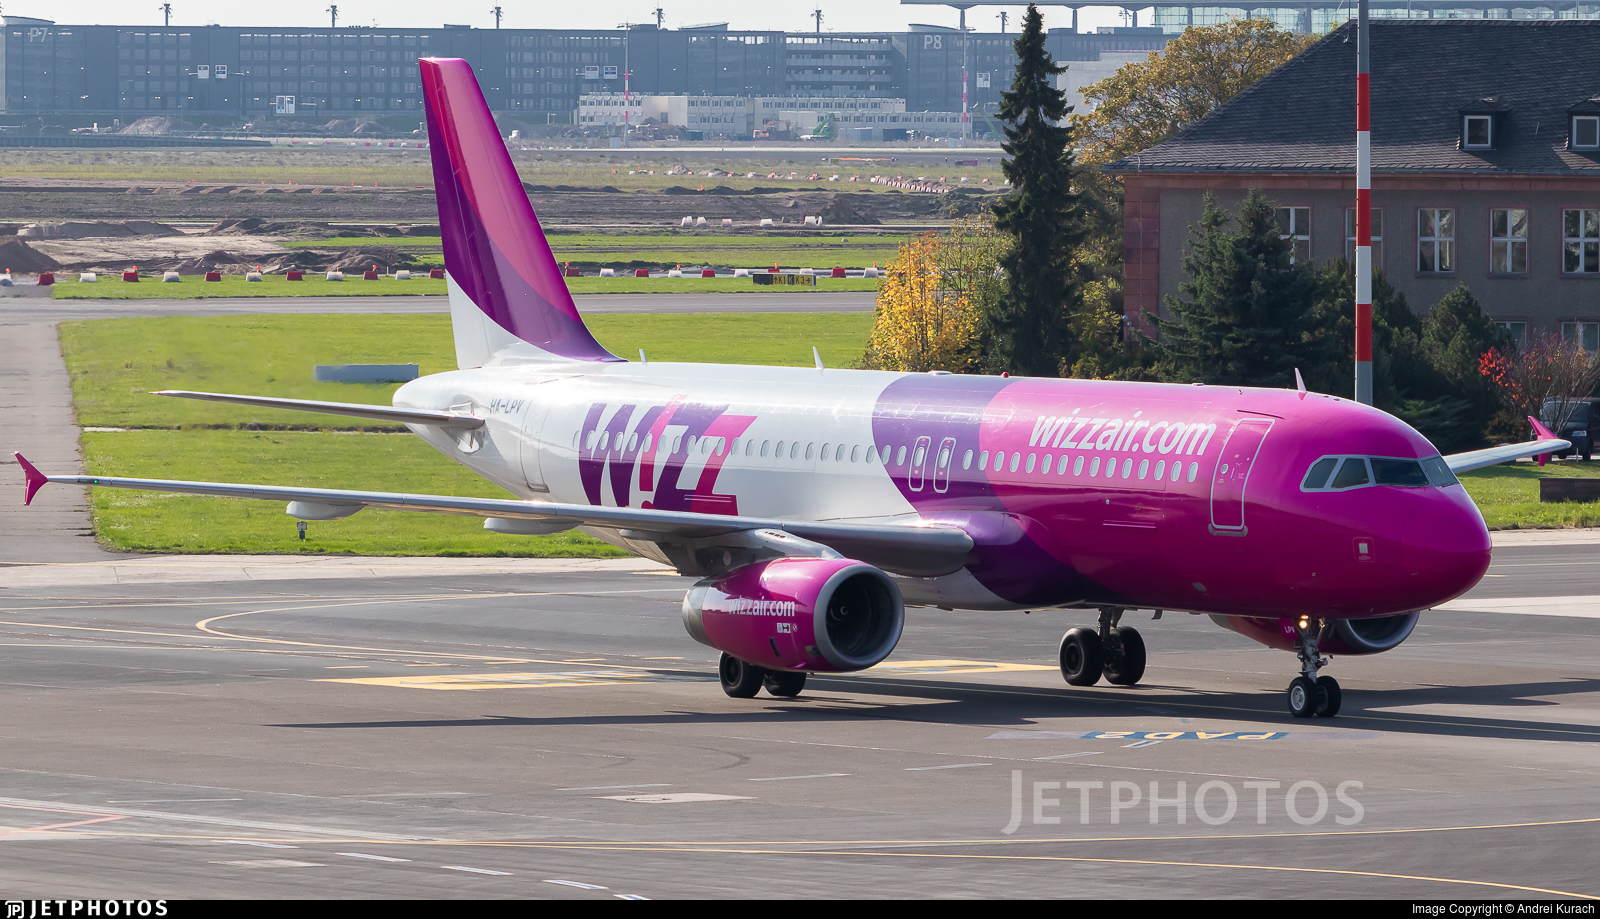 HA-LPV - Airbus A320-232 - Wizz Air